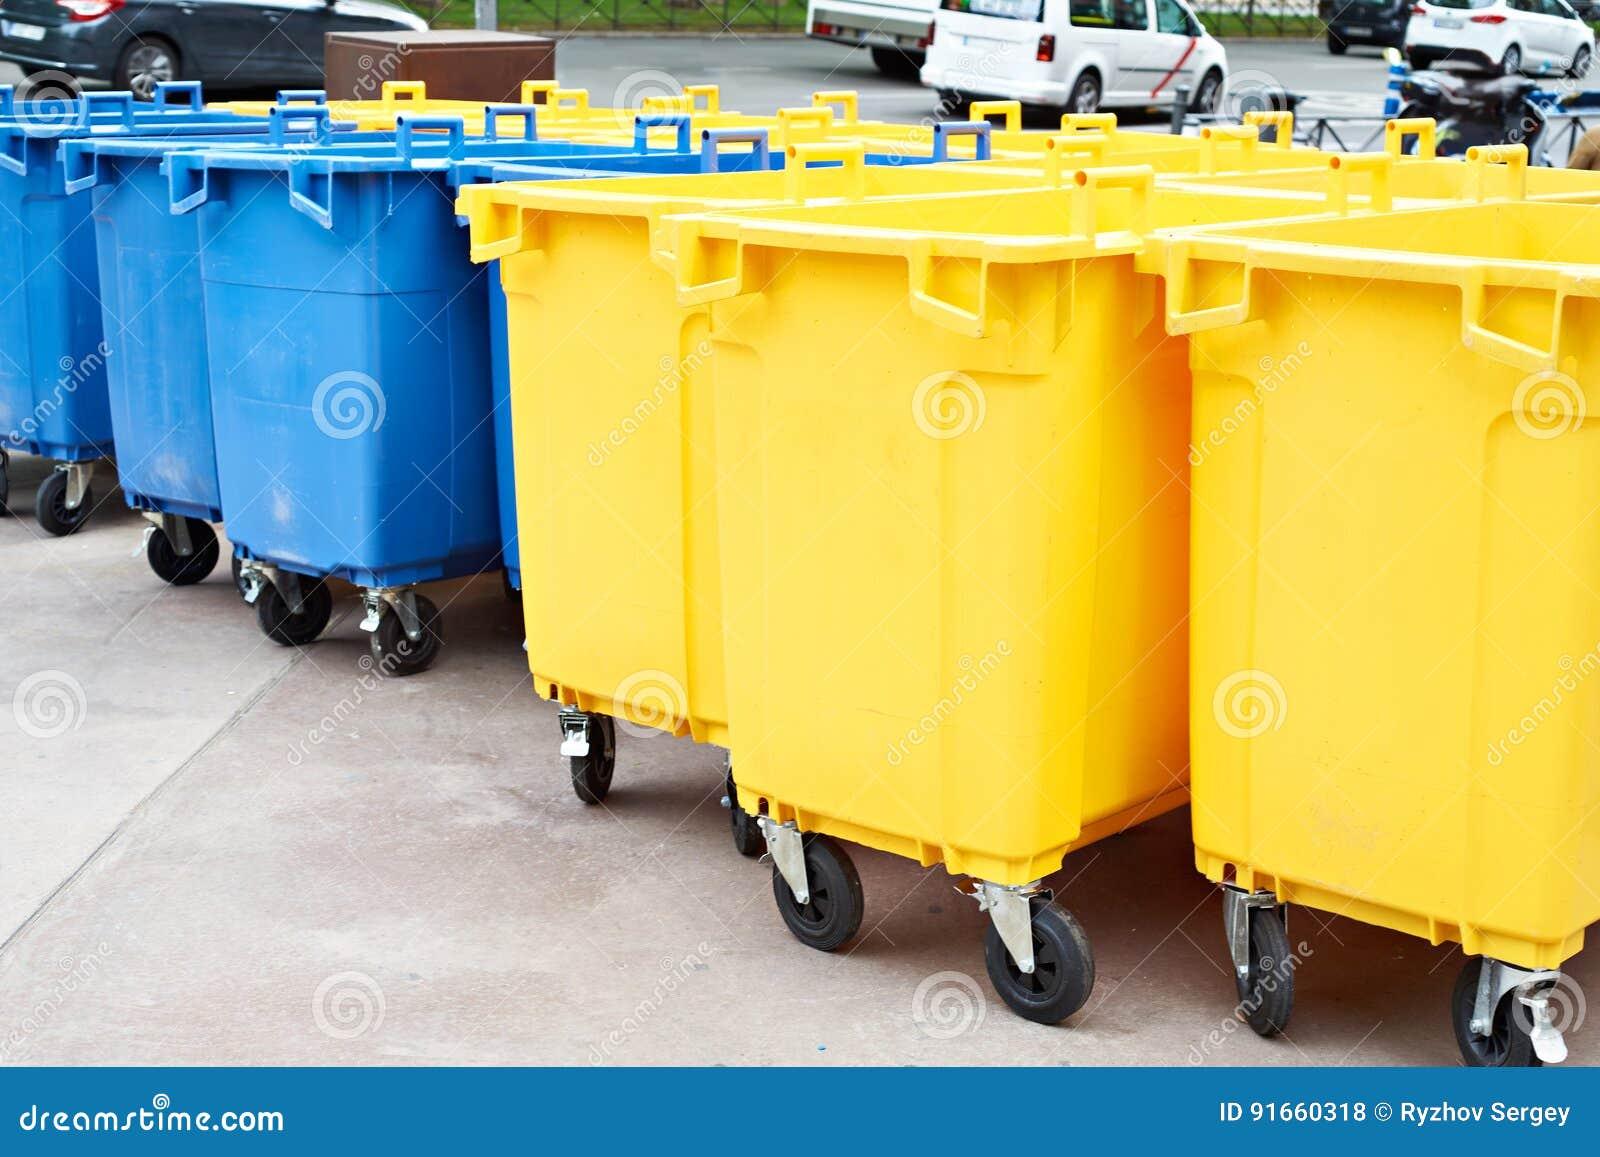 Gelbe Und Blaue Plastikmulleimer Auf Stadtstrasse Stockfoto Bild